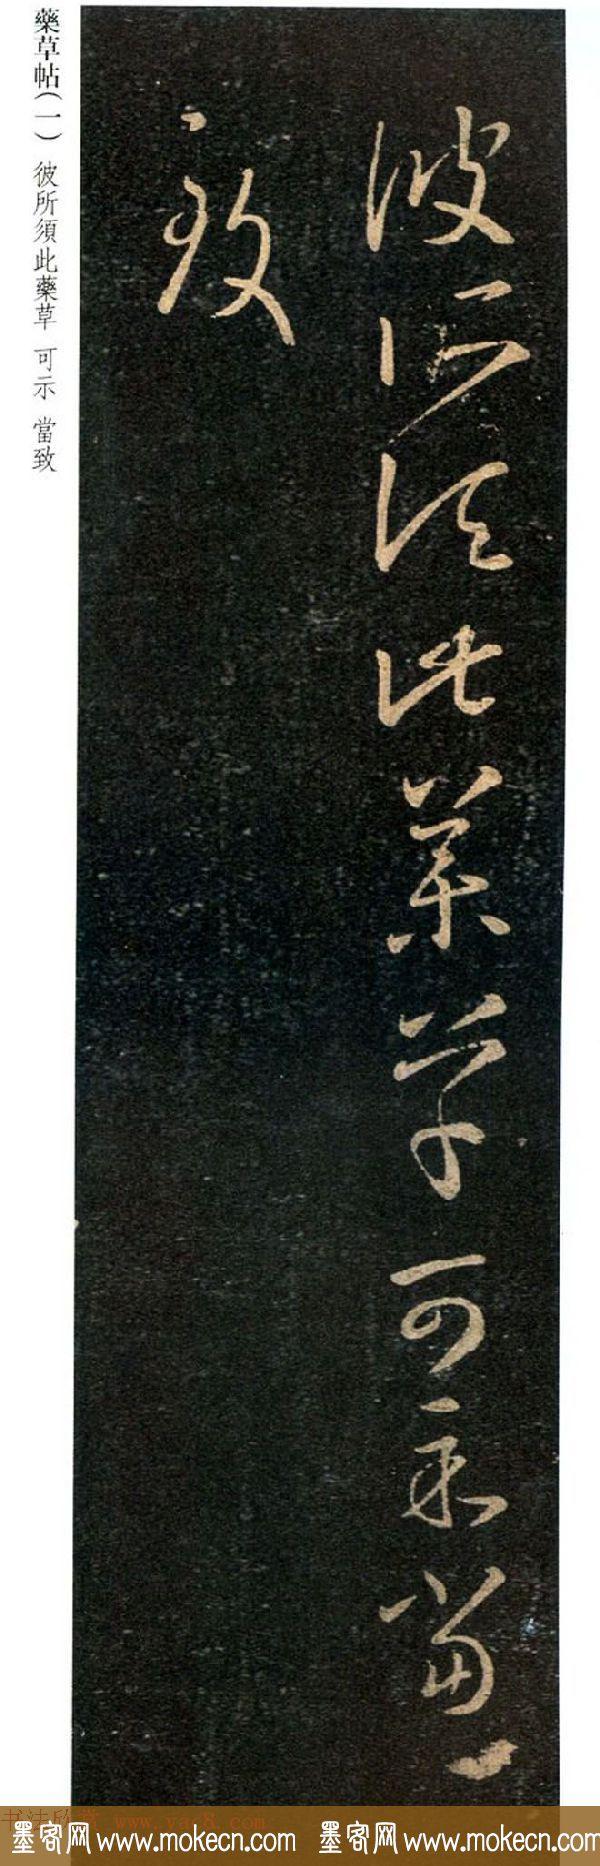 王羲之草书欣赏《药草帖》和《严君平帖》